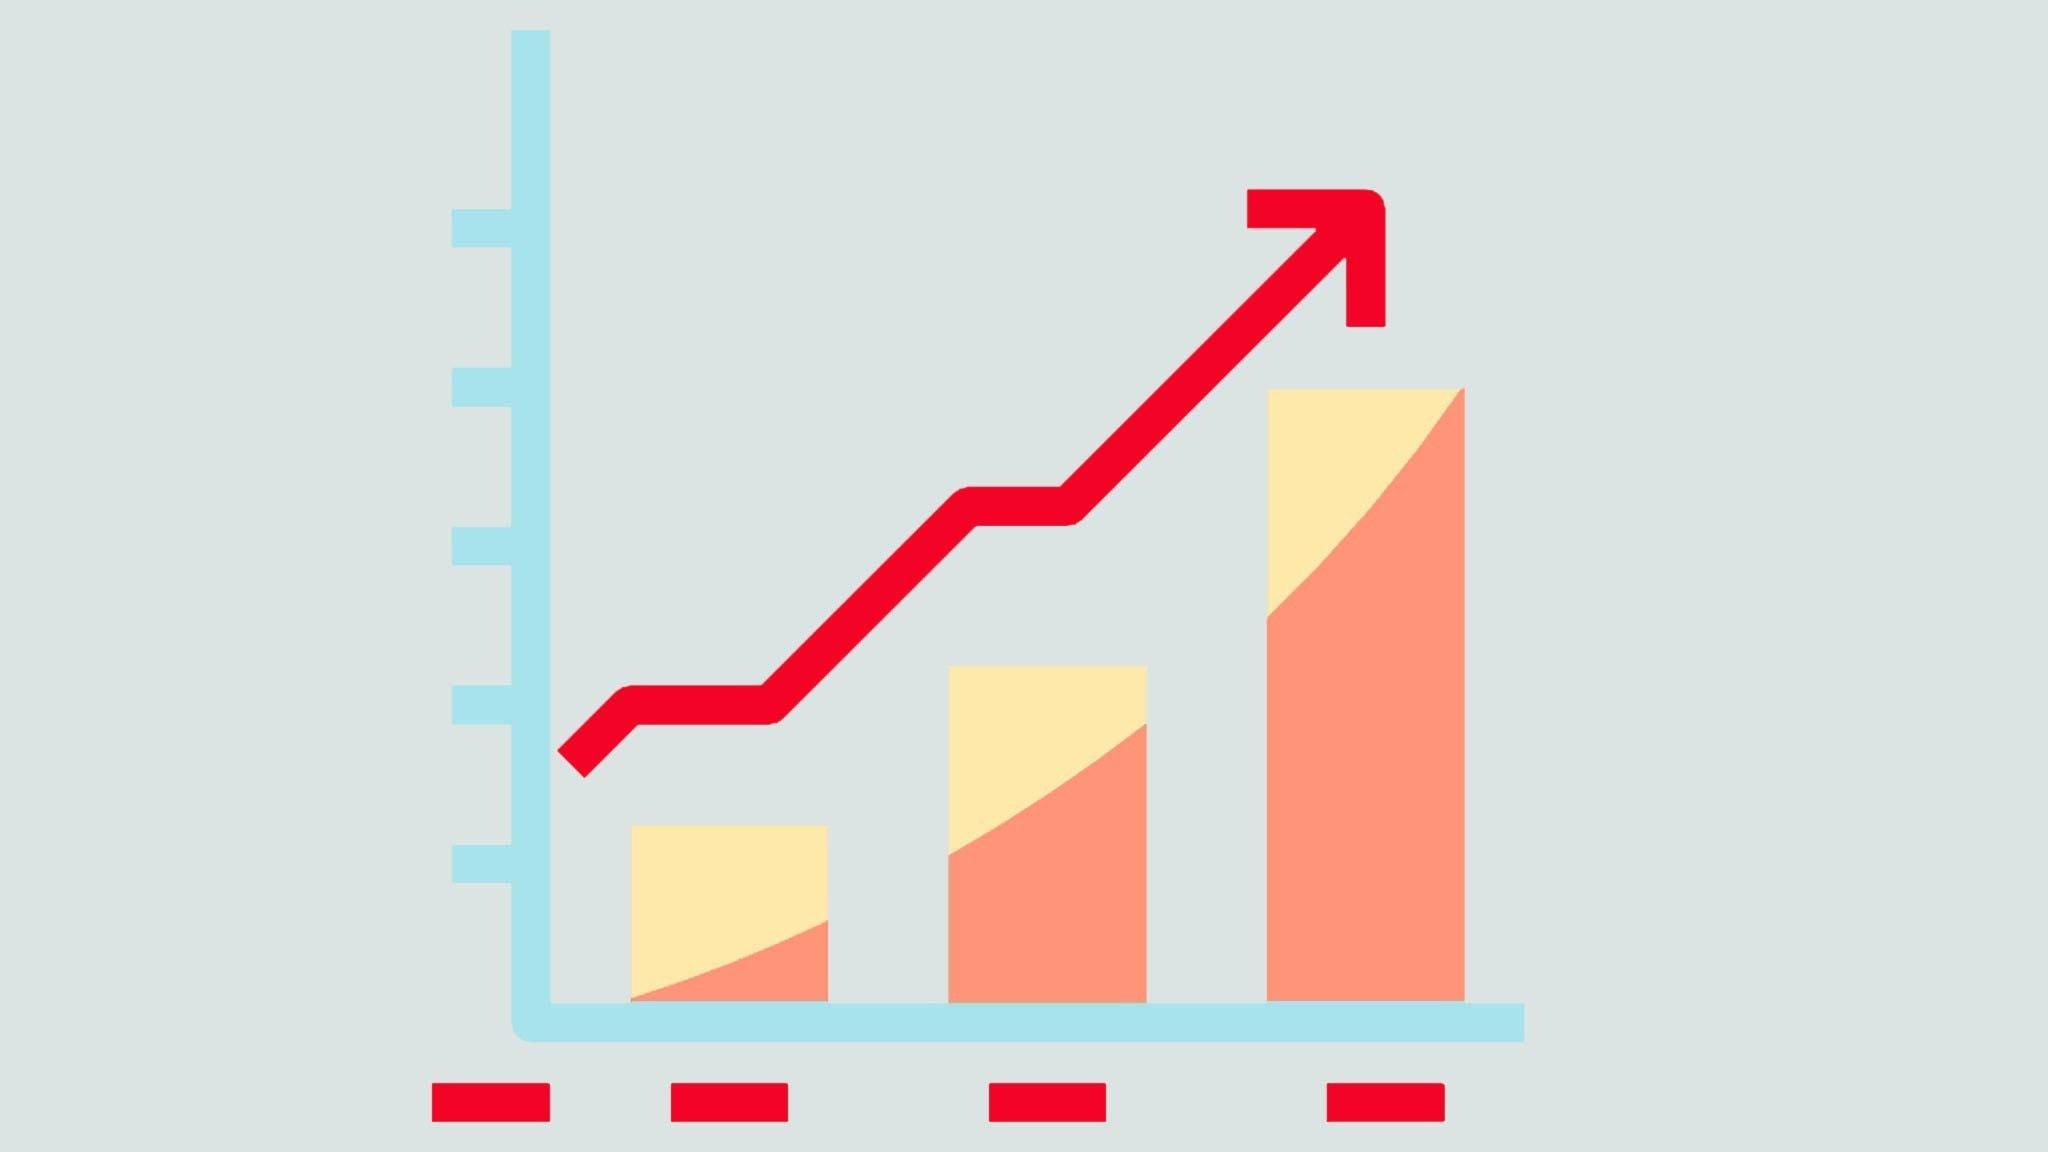 En tecknad graf som visar tillväxt. Har orden stycken, addera och absolut blivit vanligare?